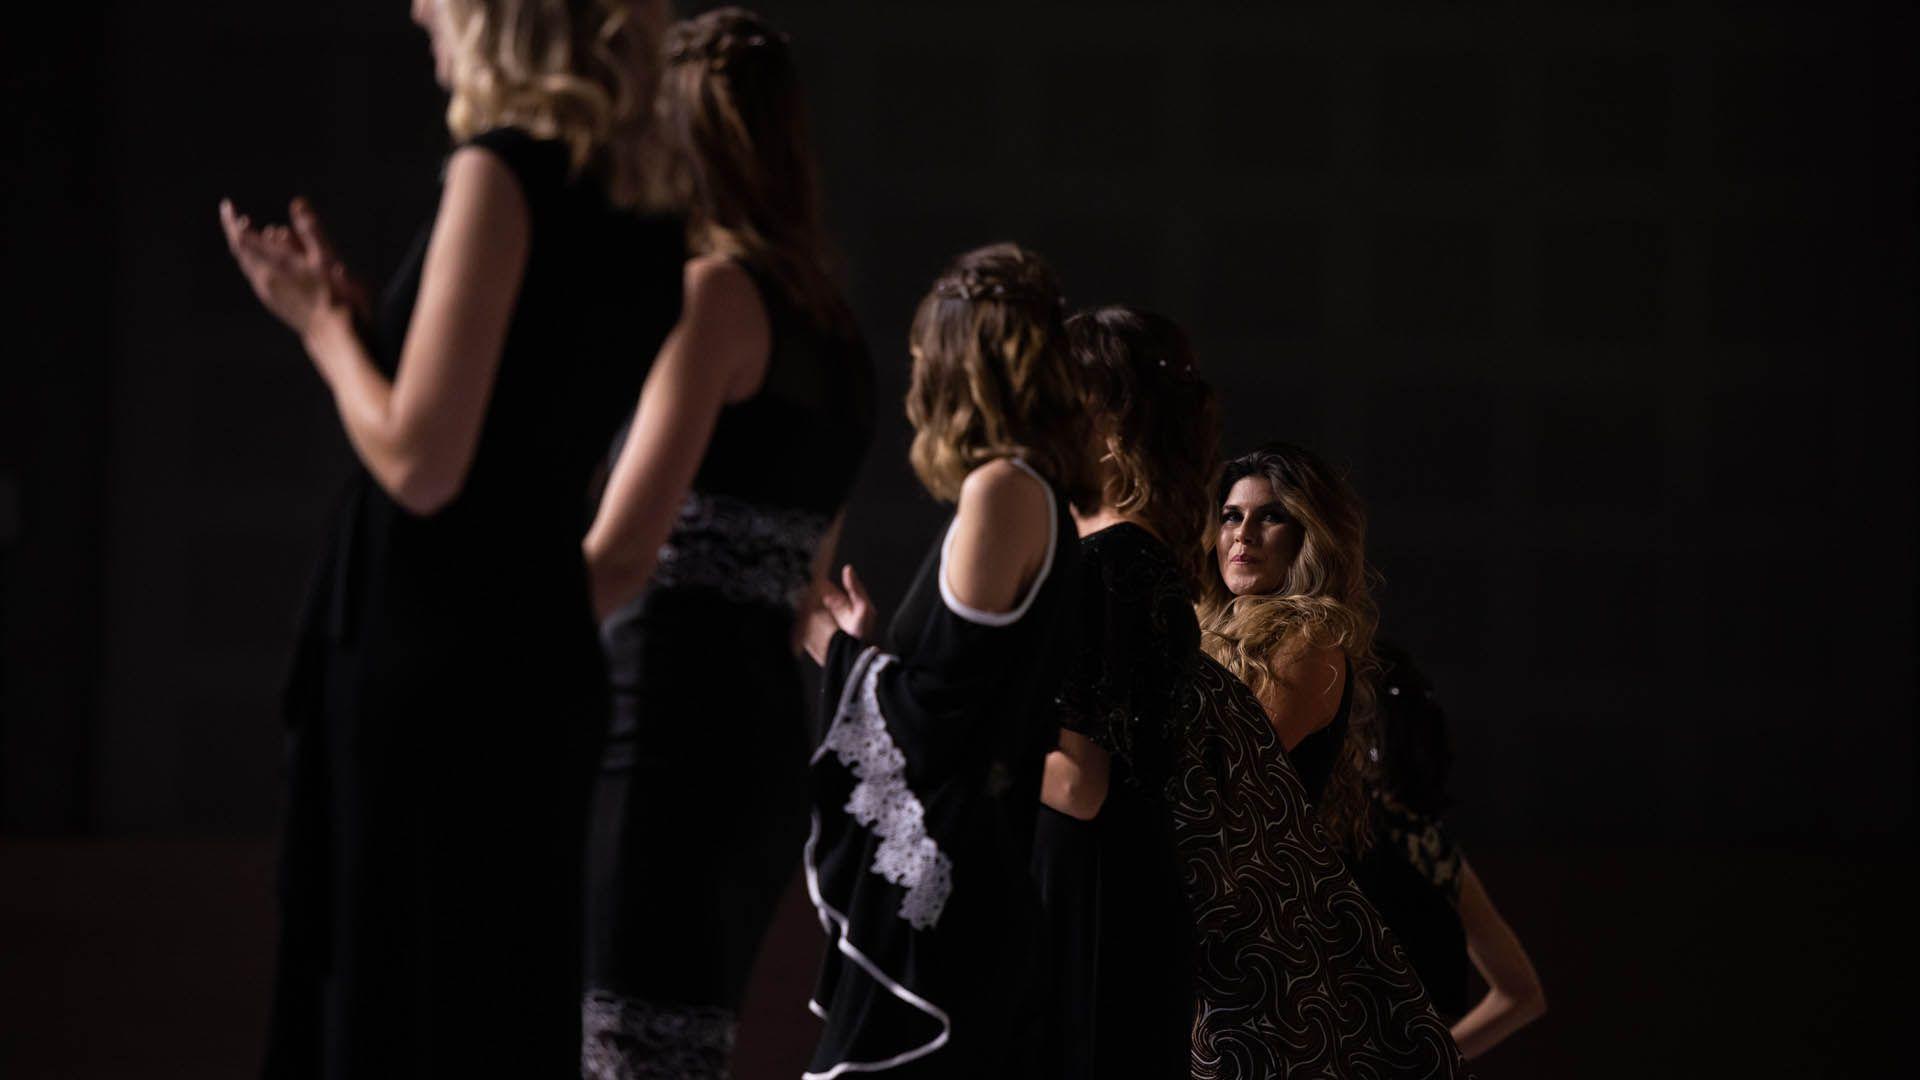 El desfile fue el resultado de 50 años de celebración donde la marca Silkey propone uno de los eventos de moda más importante para la Argentina. Con las figuras tradicionales así como las nuevas caras de la marca